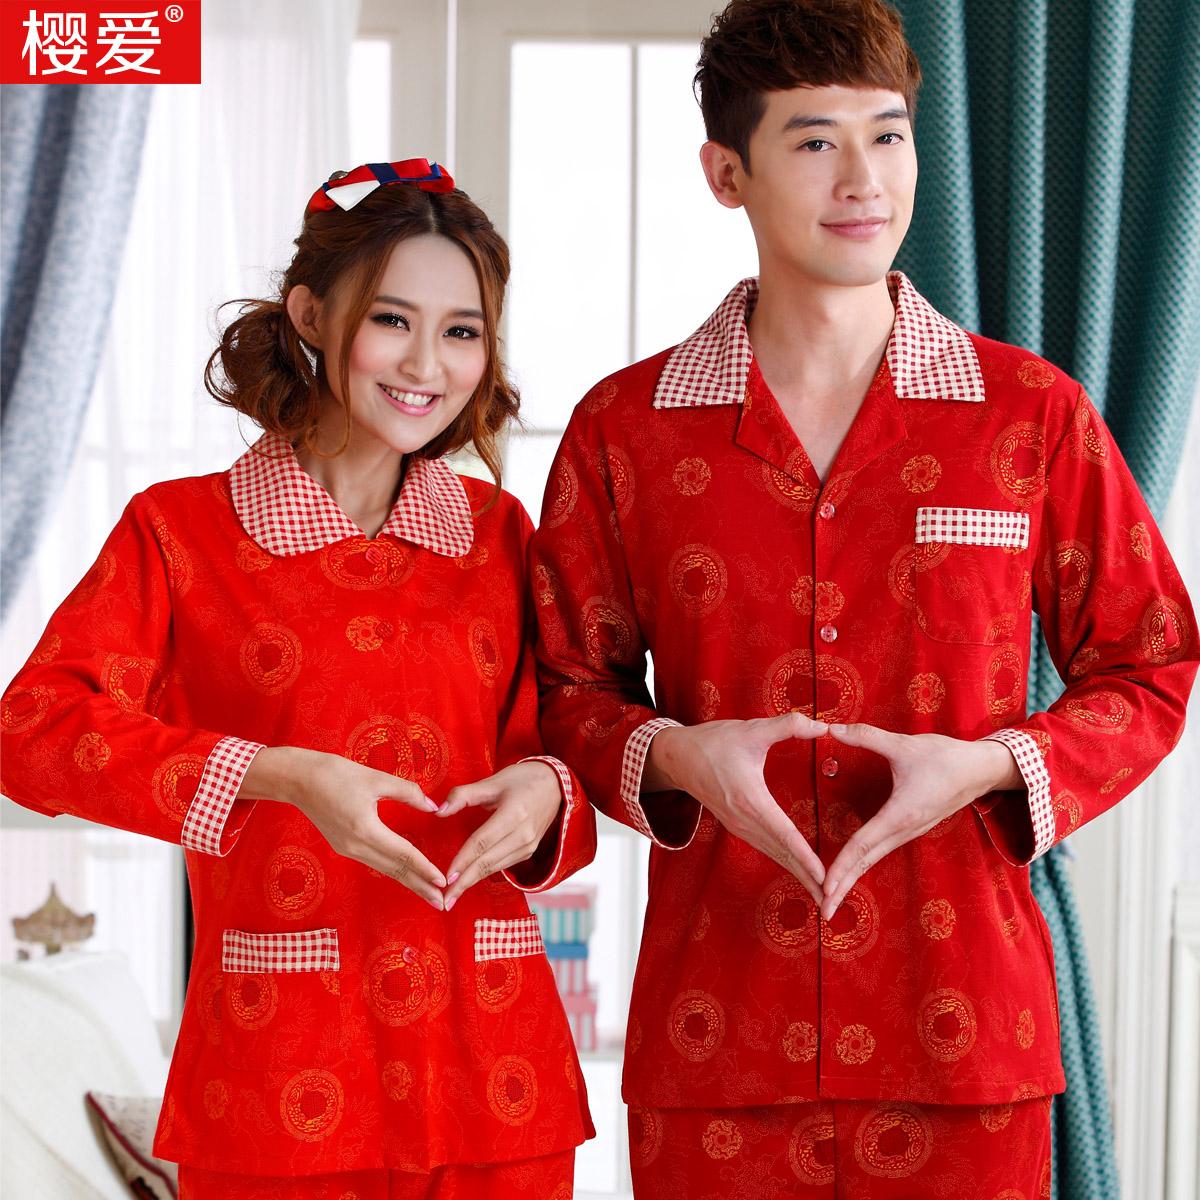 樱爱春秋季长袖情侣睡衣新婚大红结婚纯棉男女睡衣家居服套装包邮